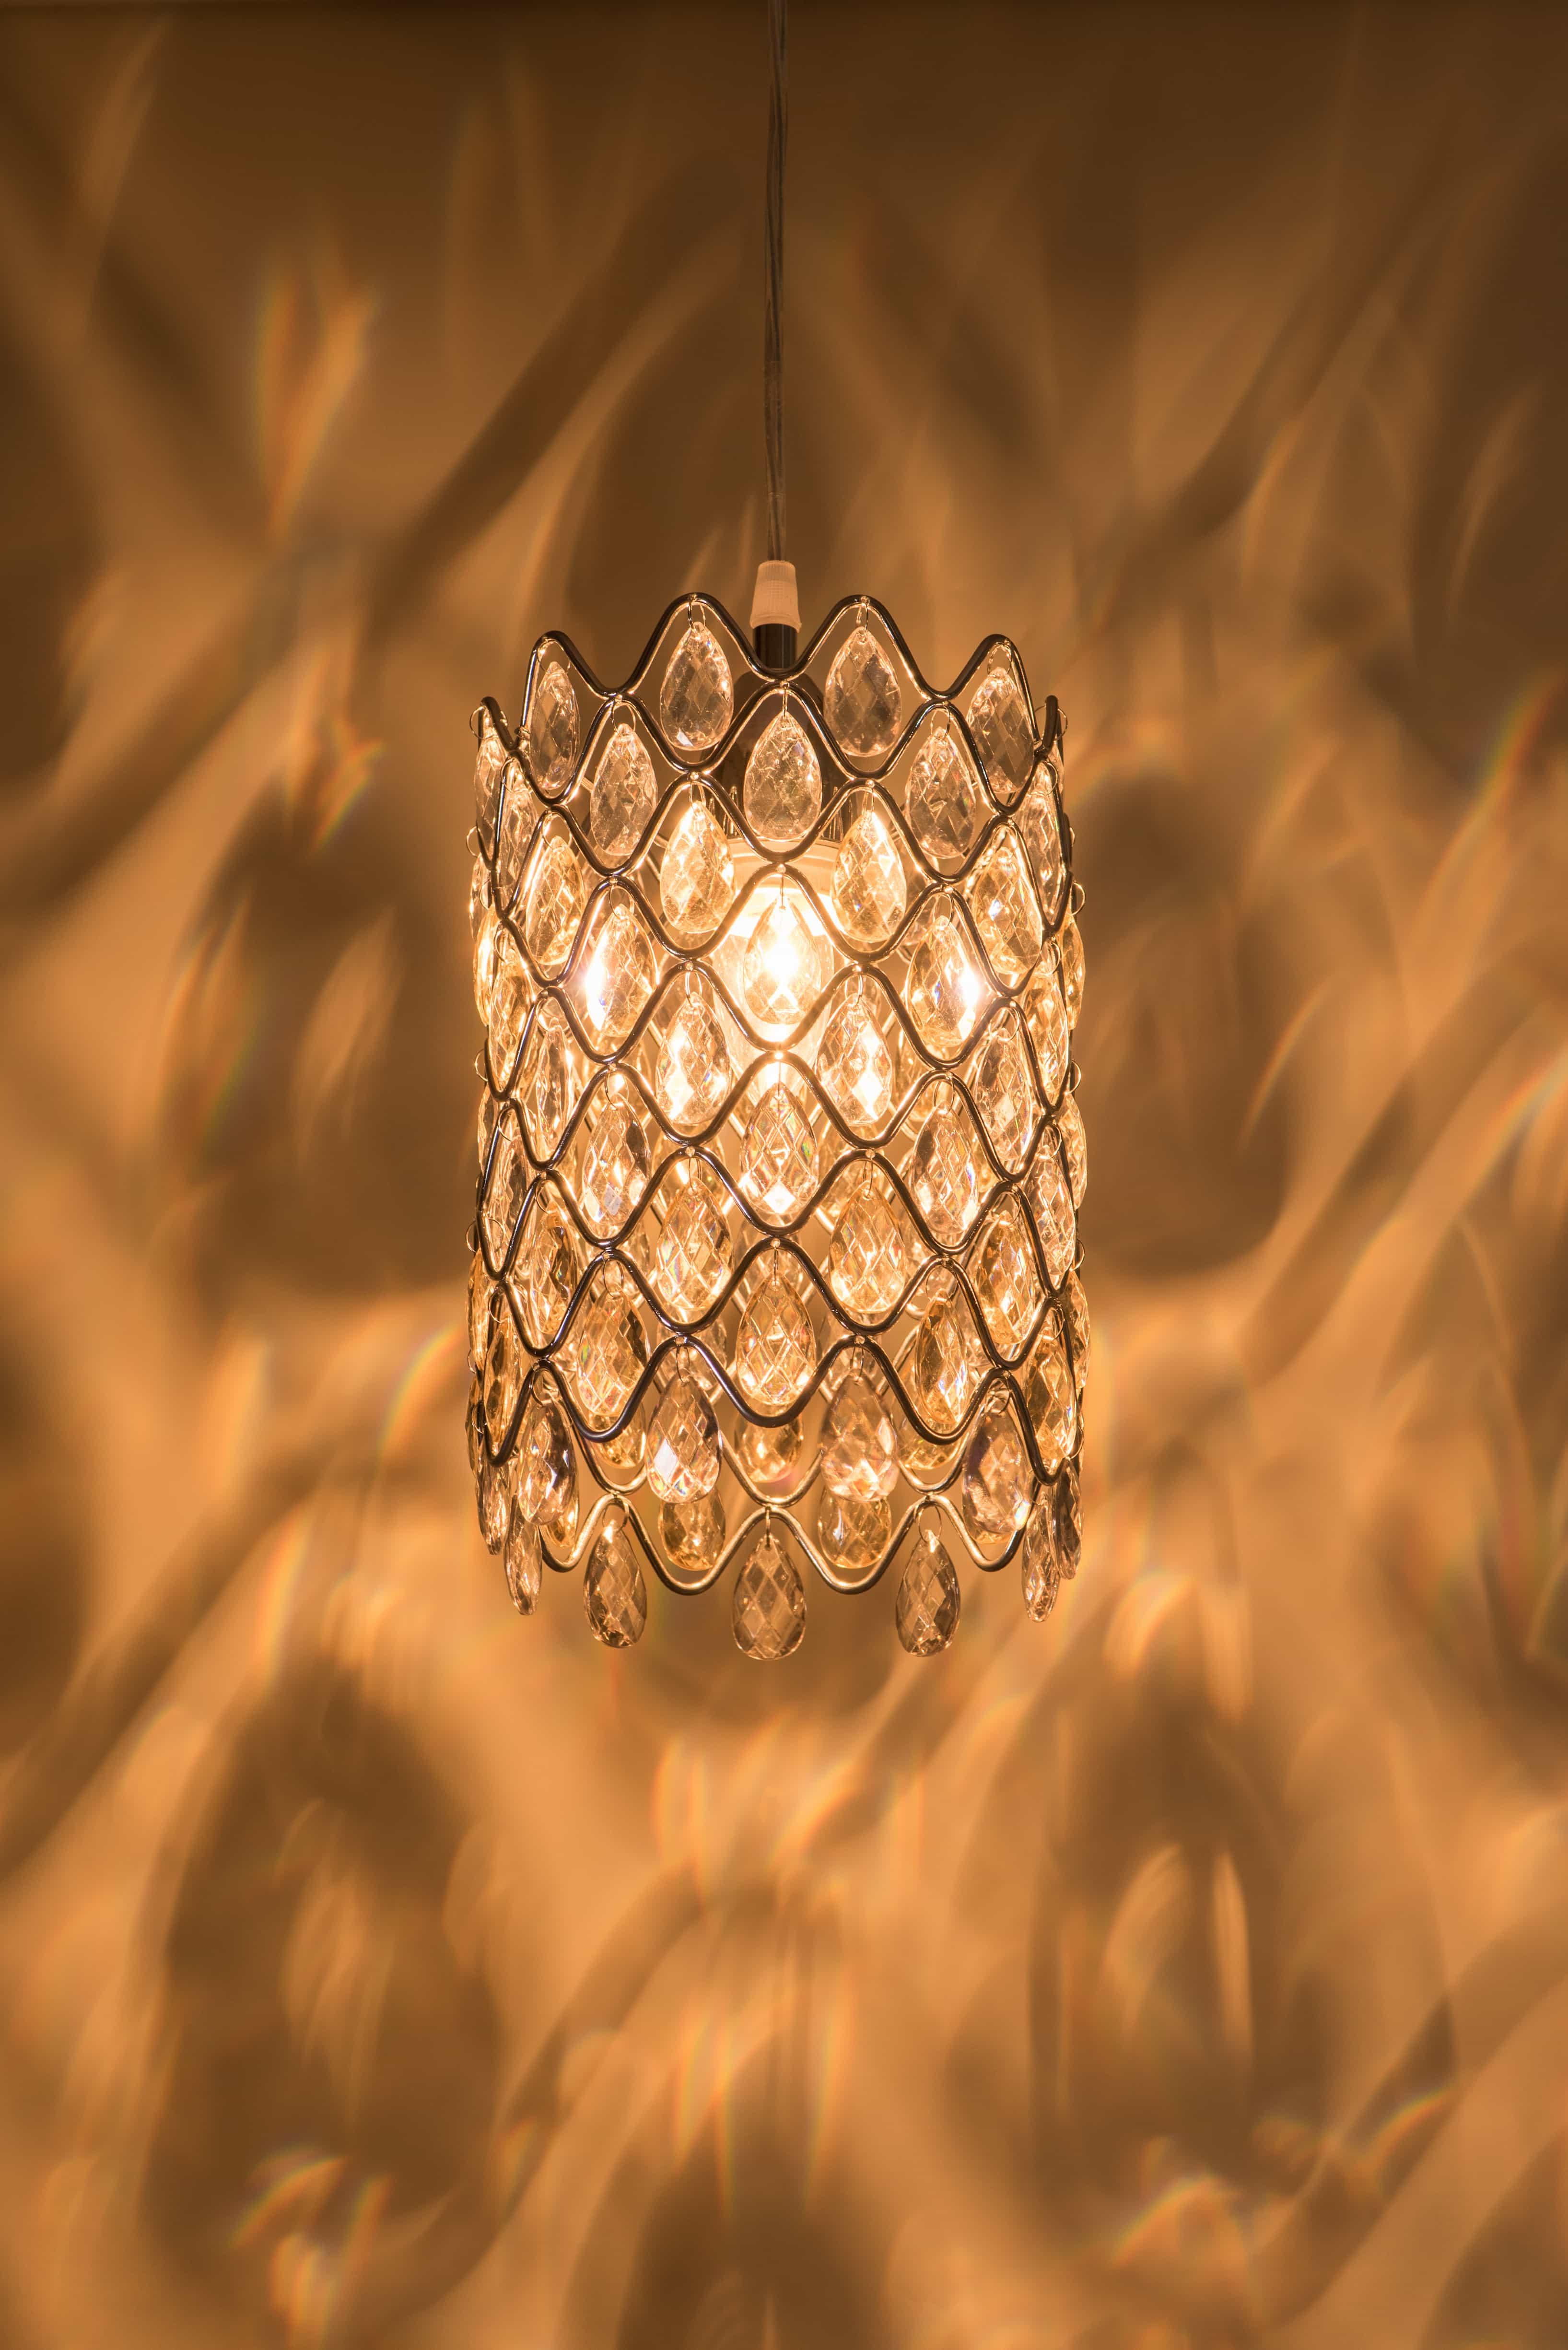 鍍鉻波浪紋壓克力珠吊燈-BNL00051 1